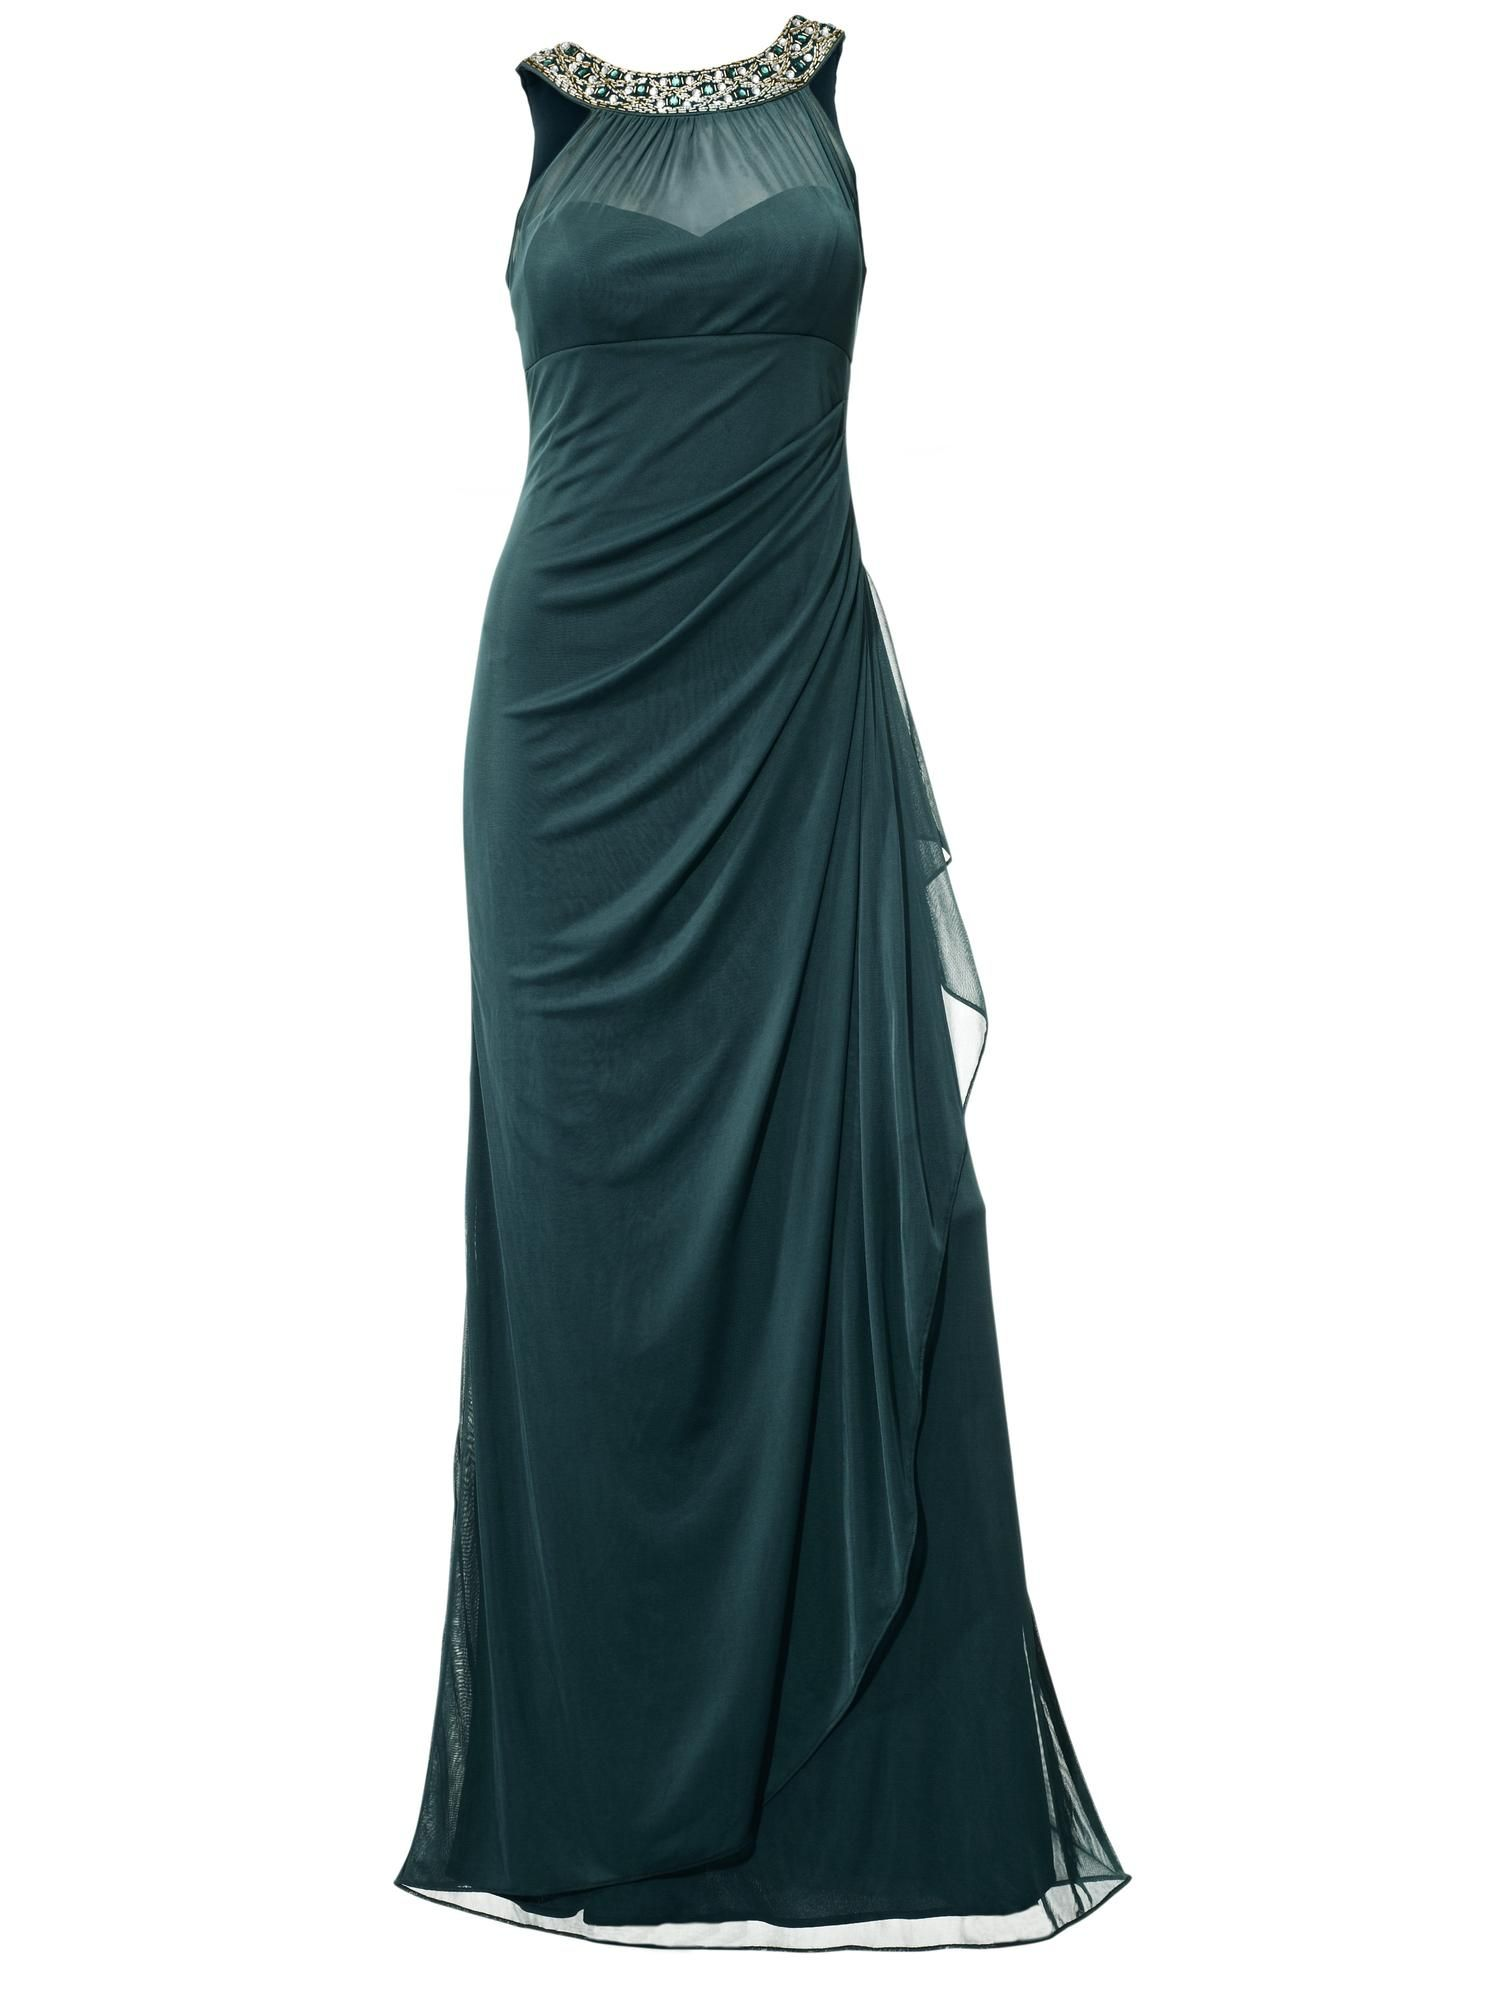 Ashley Brooke By Heine Abendkleid in Smaragd bei ABOUT YOU bestellen ...